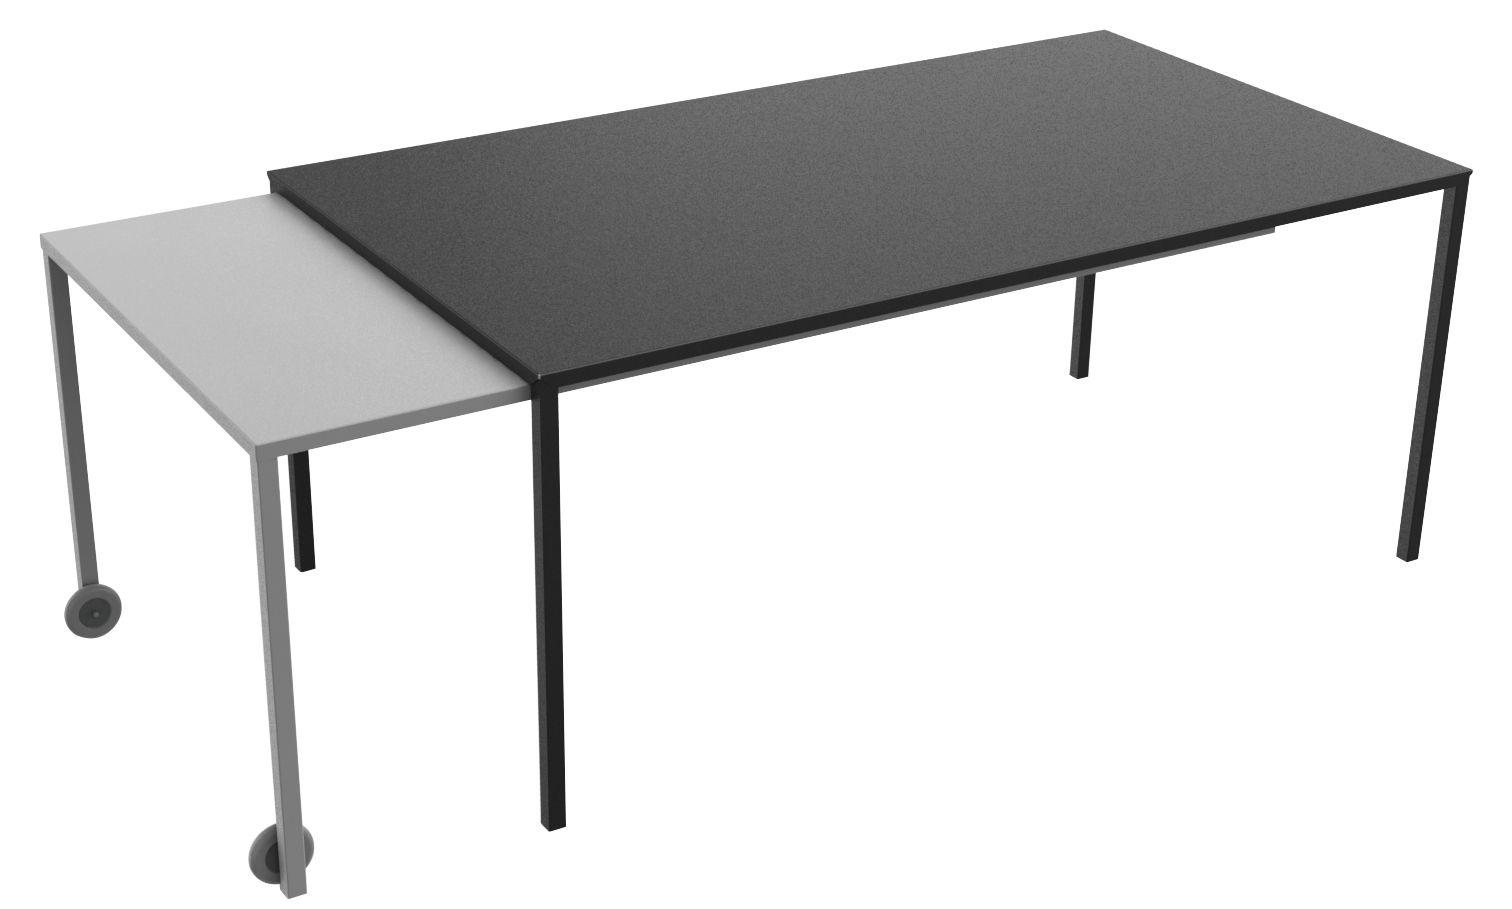 Möbel - Tische - Rafale XL Ausziehtisch / L 180 bis 320 cm - Matière Grise - oberer Tisch anthrazit / unterer Tisch grau - Acier peint époxy